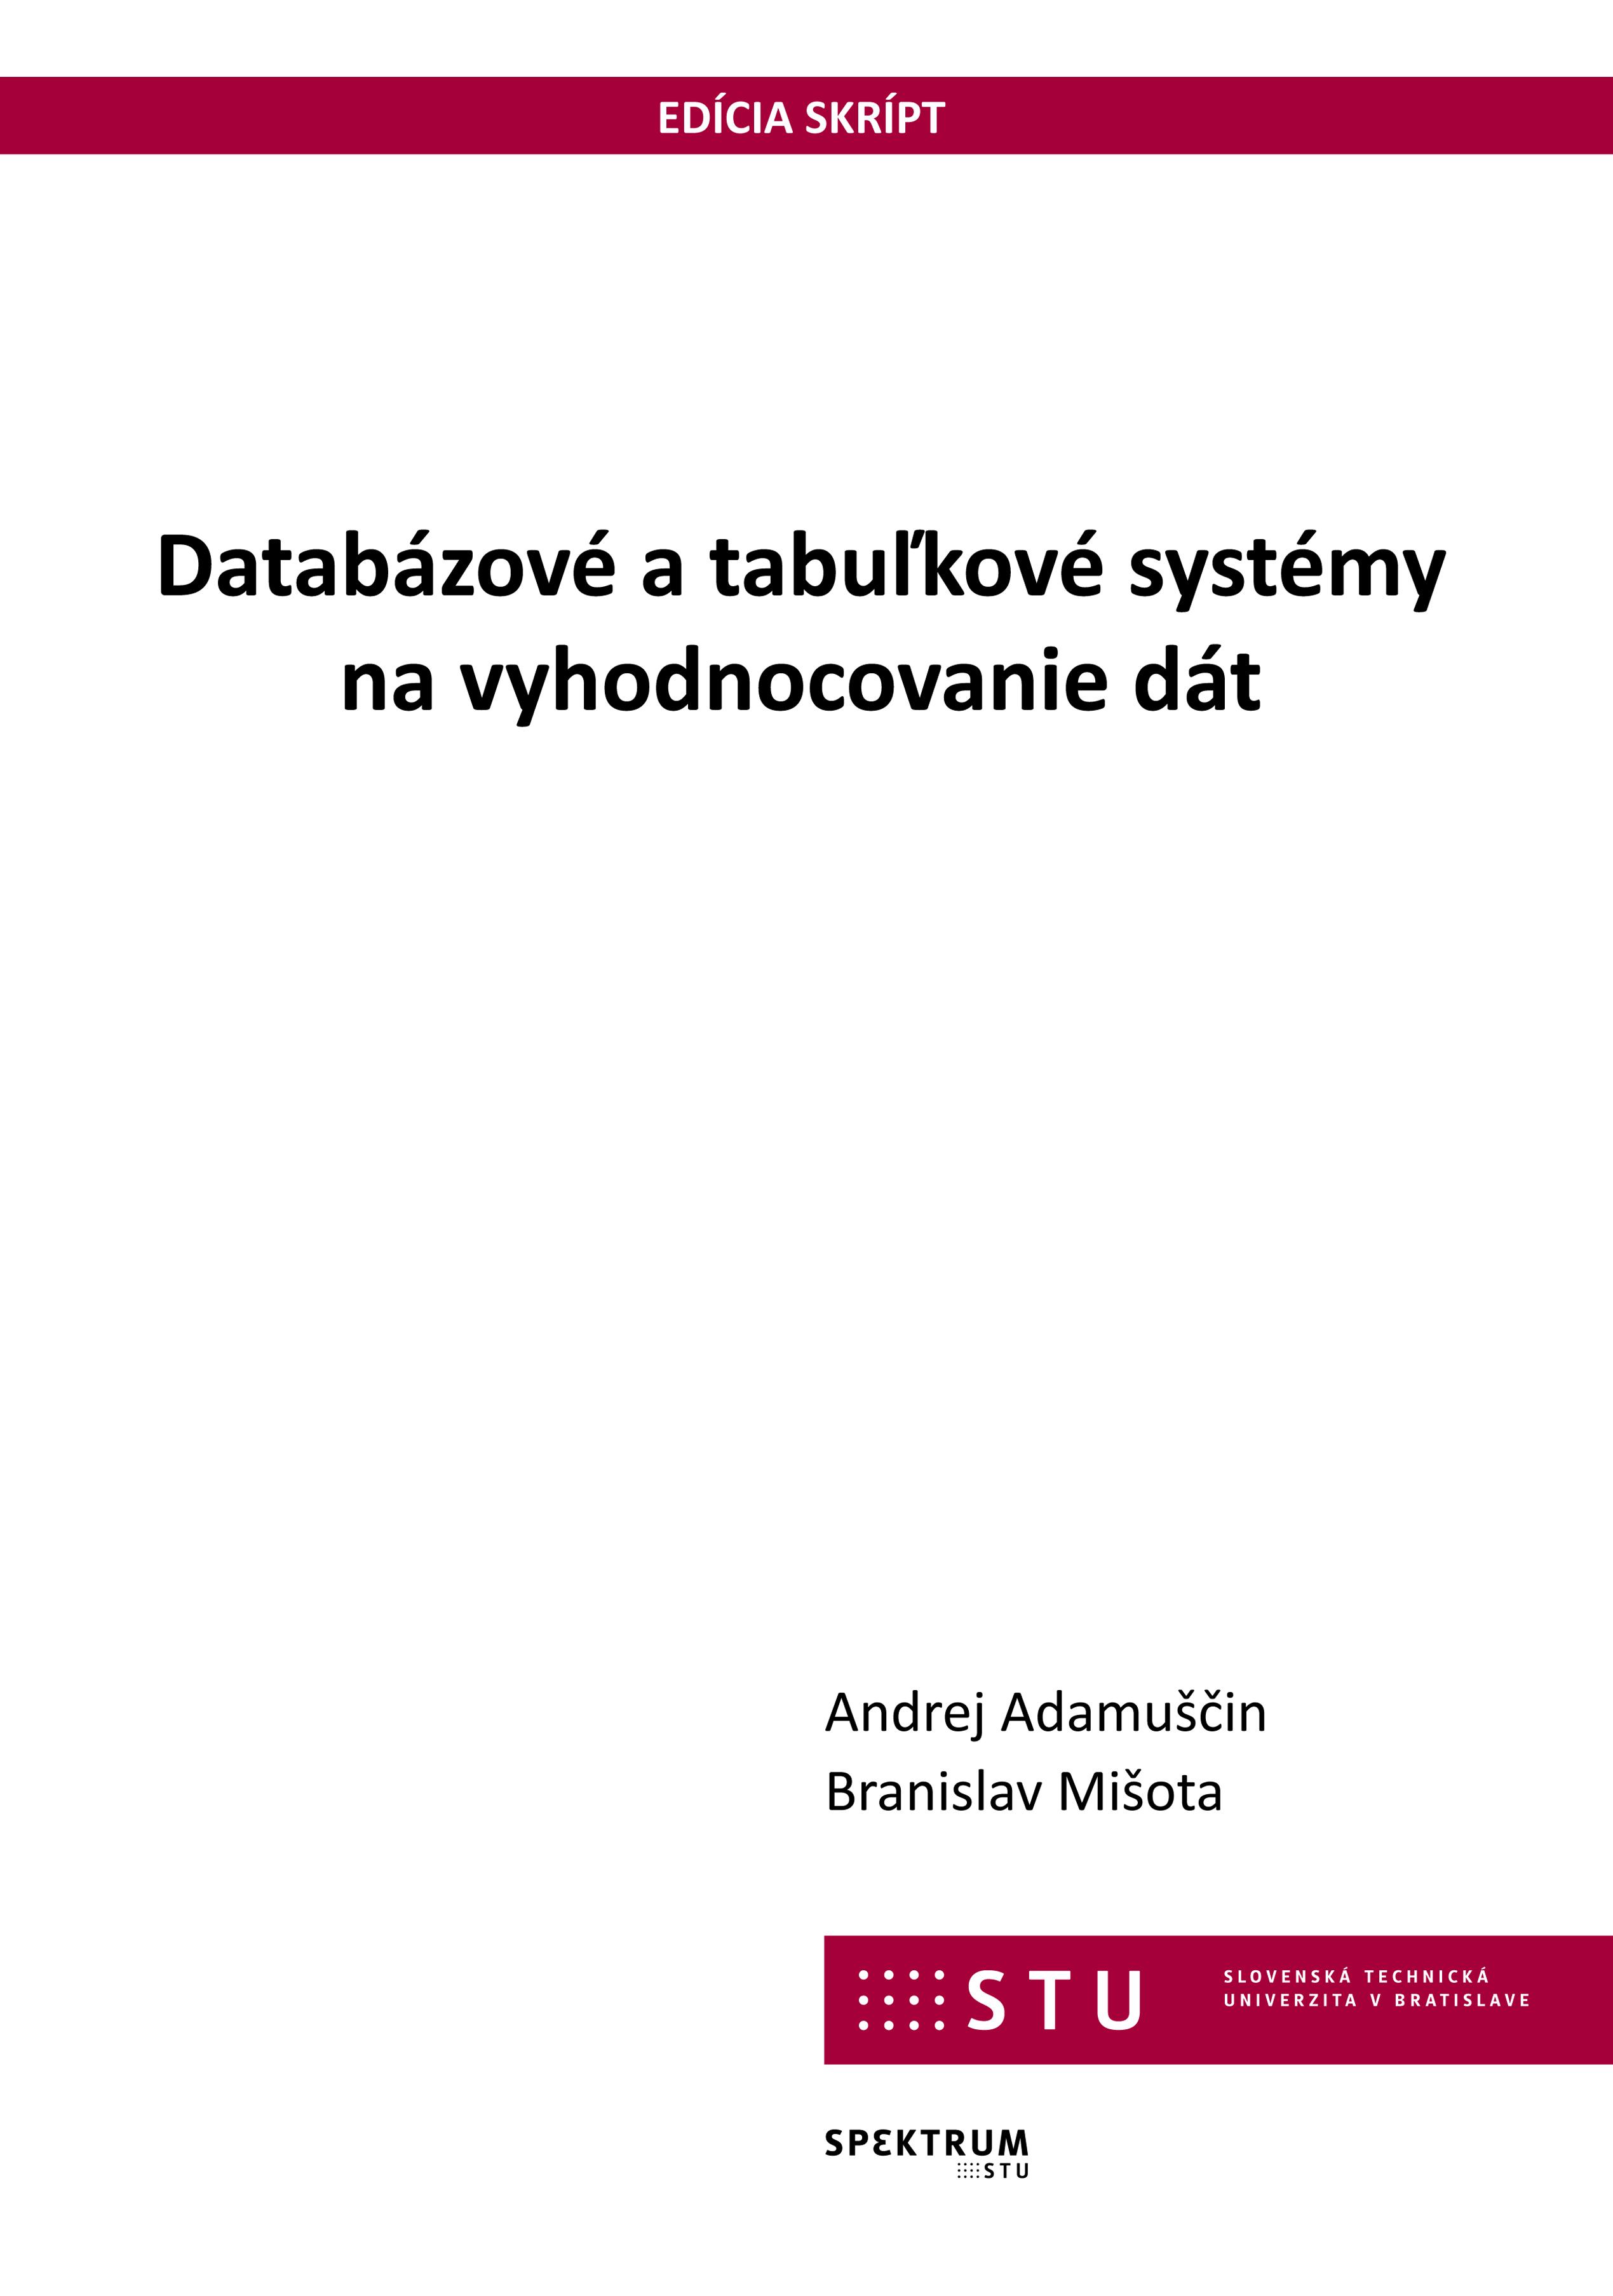 Databázové a tabuľkové systémy na vyhodnocovanie dát 1